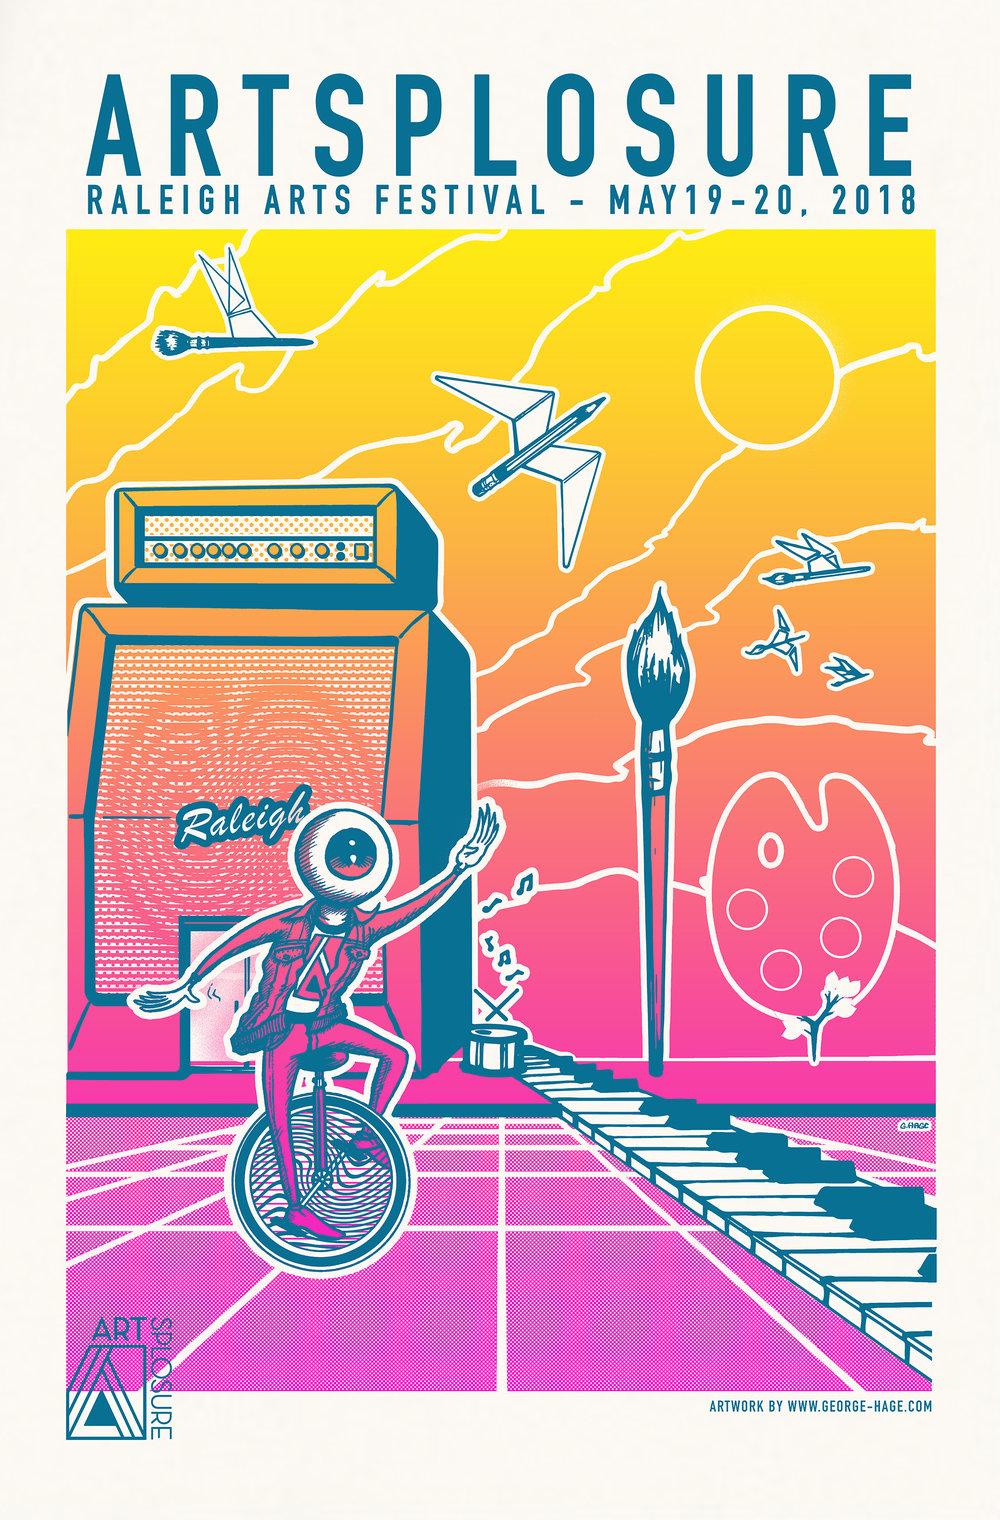 GeorgeHage_Artsplosure2018_Poster-HIRES.jpg